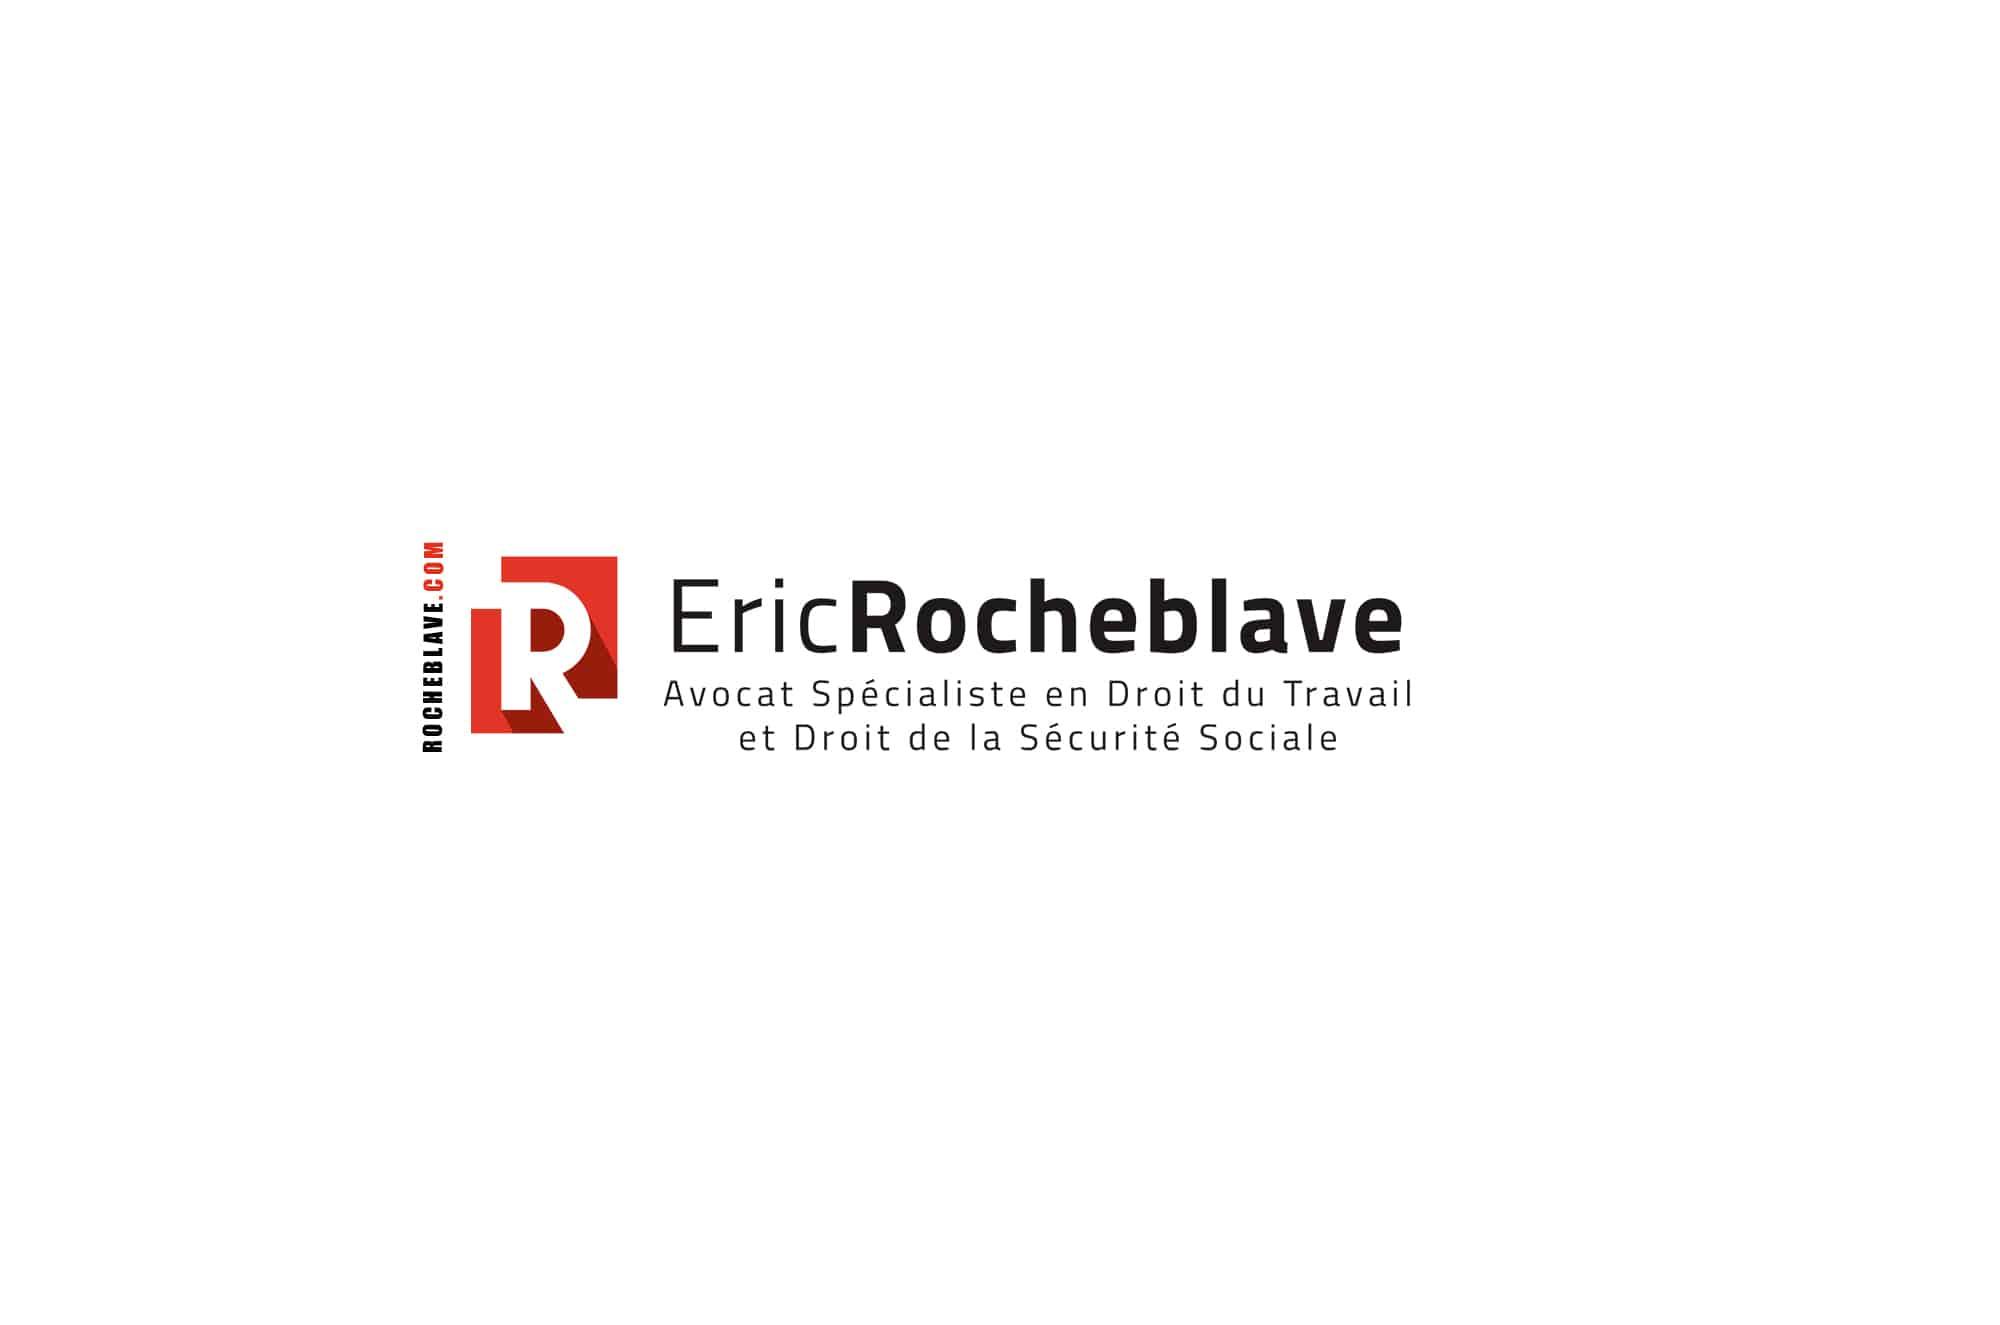 Avocat Spécialiste en Droit du Travail et Droit de la Sécurité Sociale